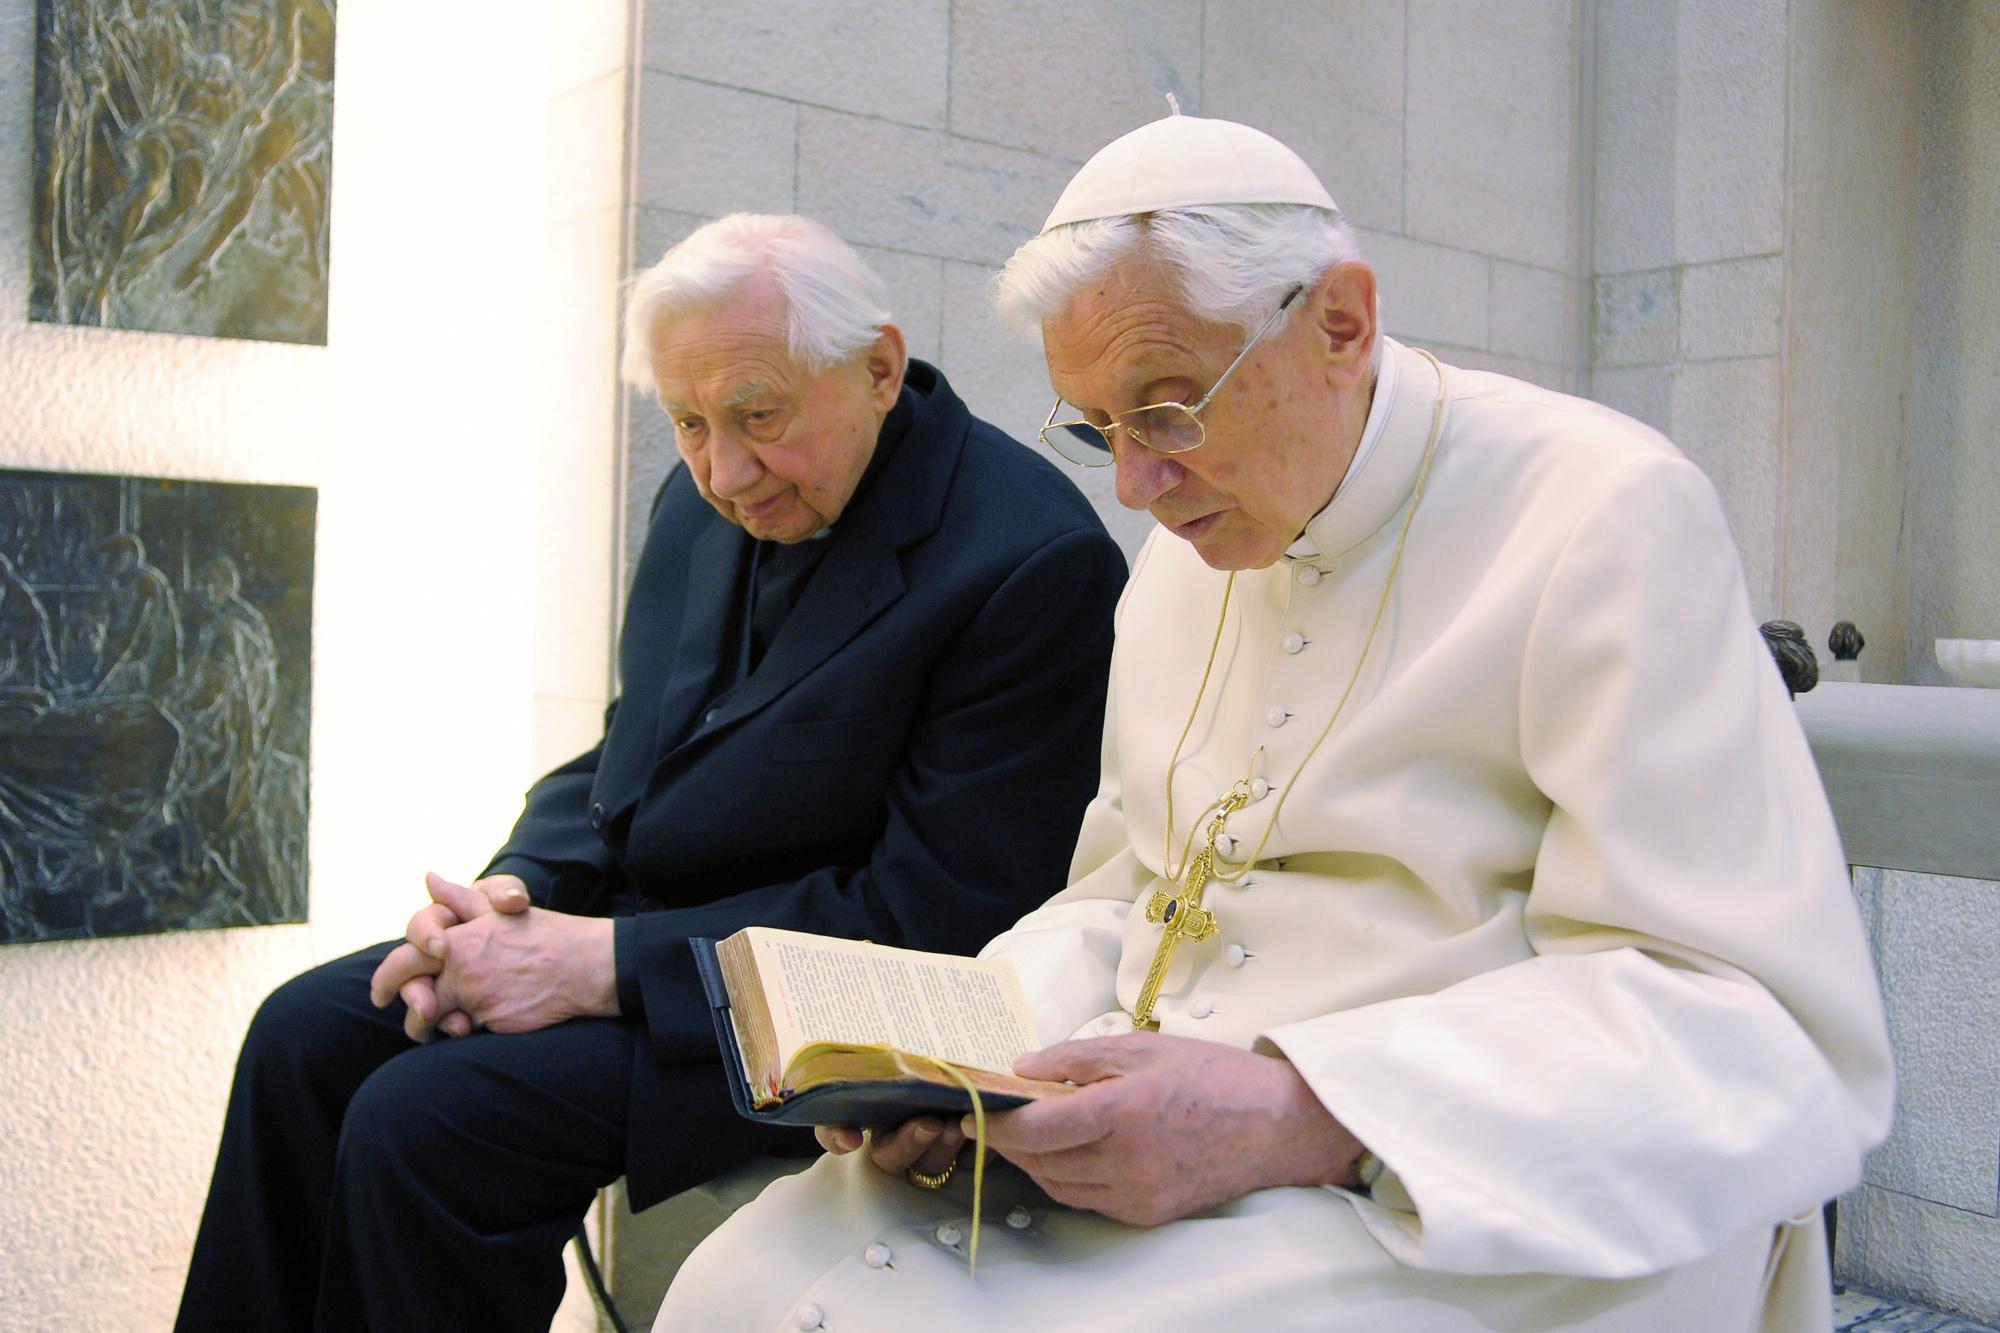 Hermano confirma que Benedicto XVI padece enfermedad paralizante